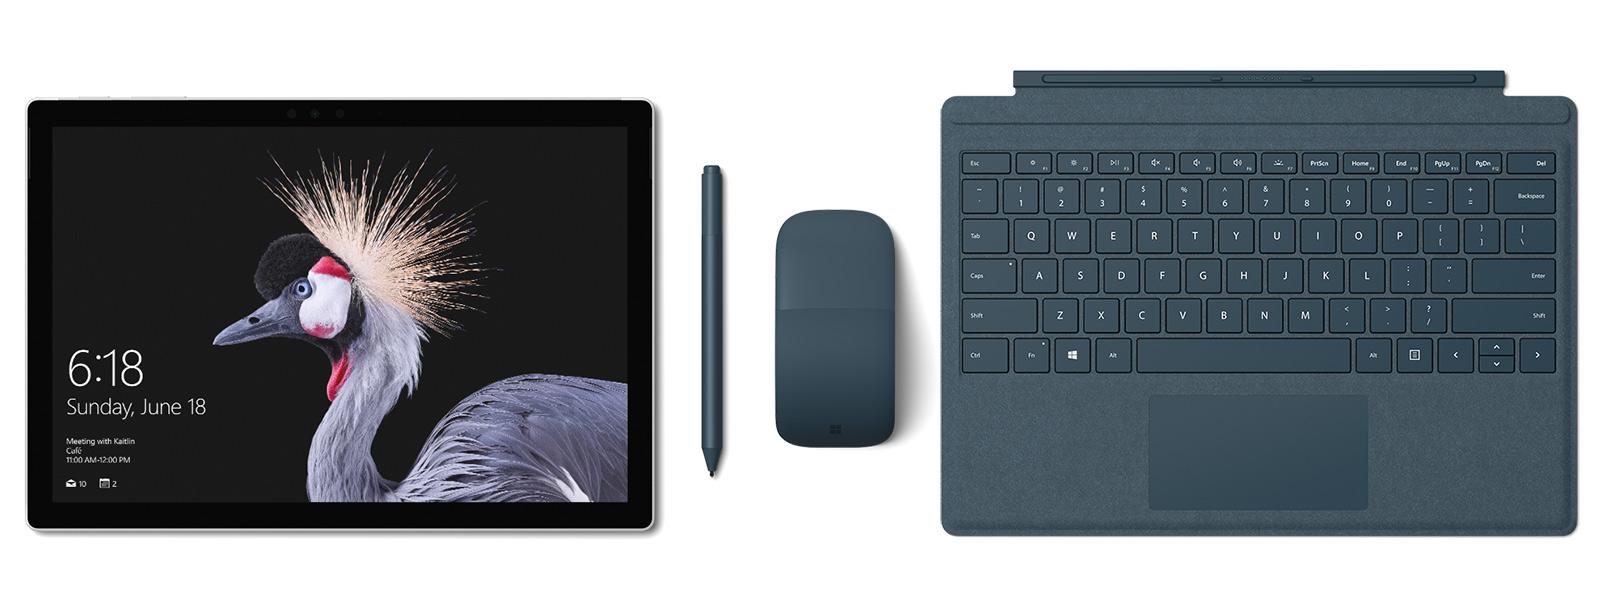 Imagem do Surface Pro com Capa Teclado Signature para Surface Pro, Caneta para Surface e Surface Arc Mouse em azul cobalto. Inclui uma Caneta para Surface.